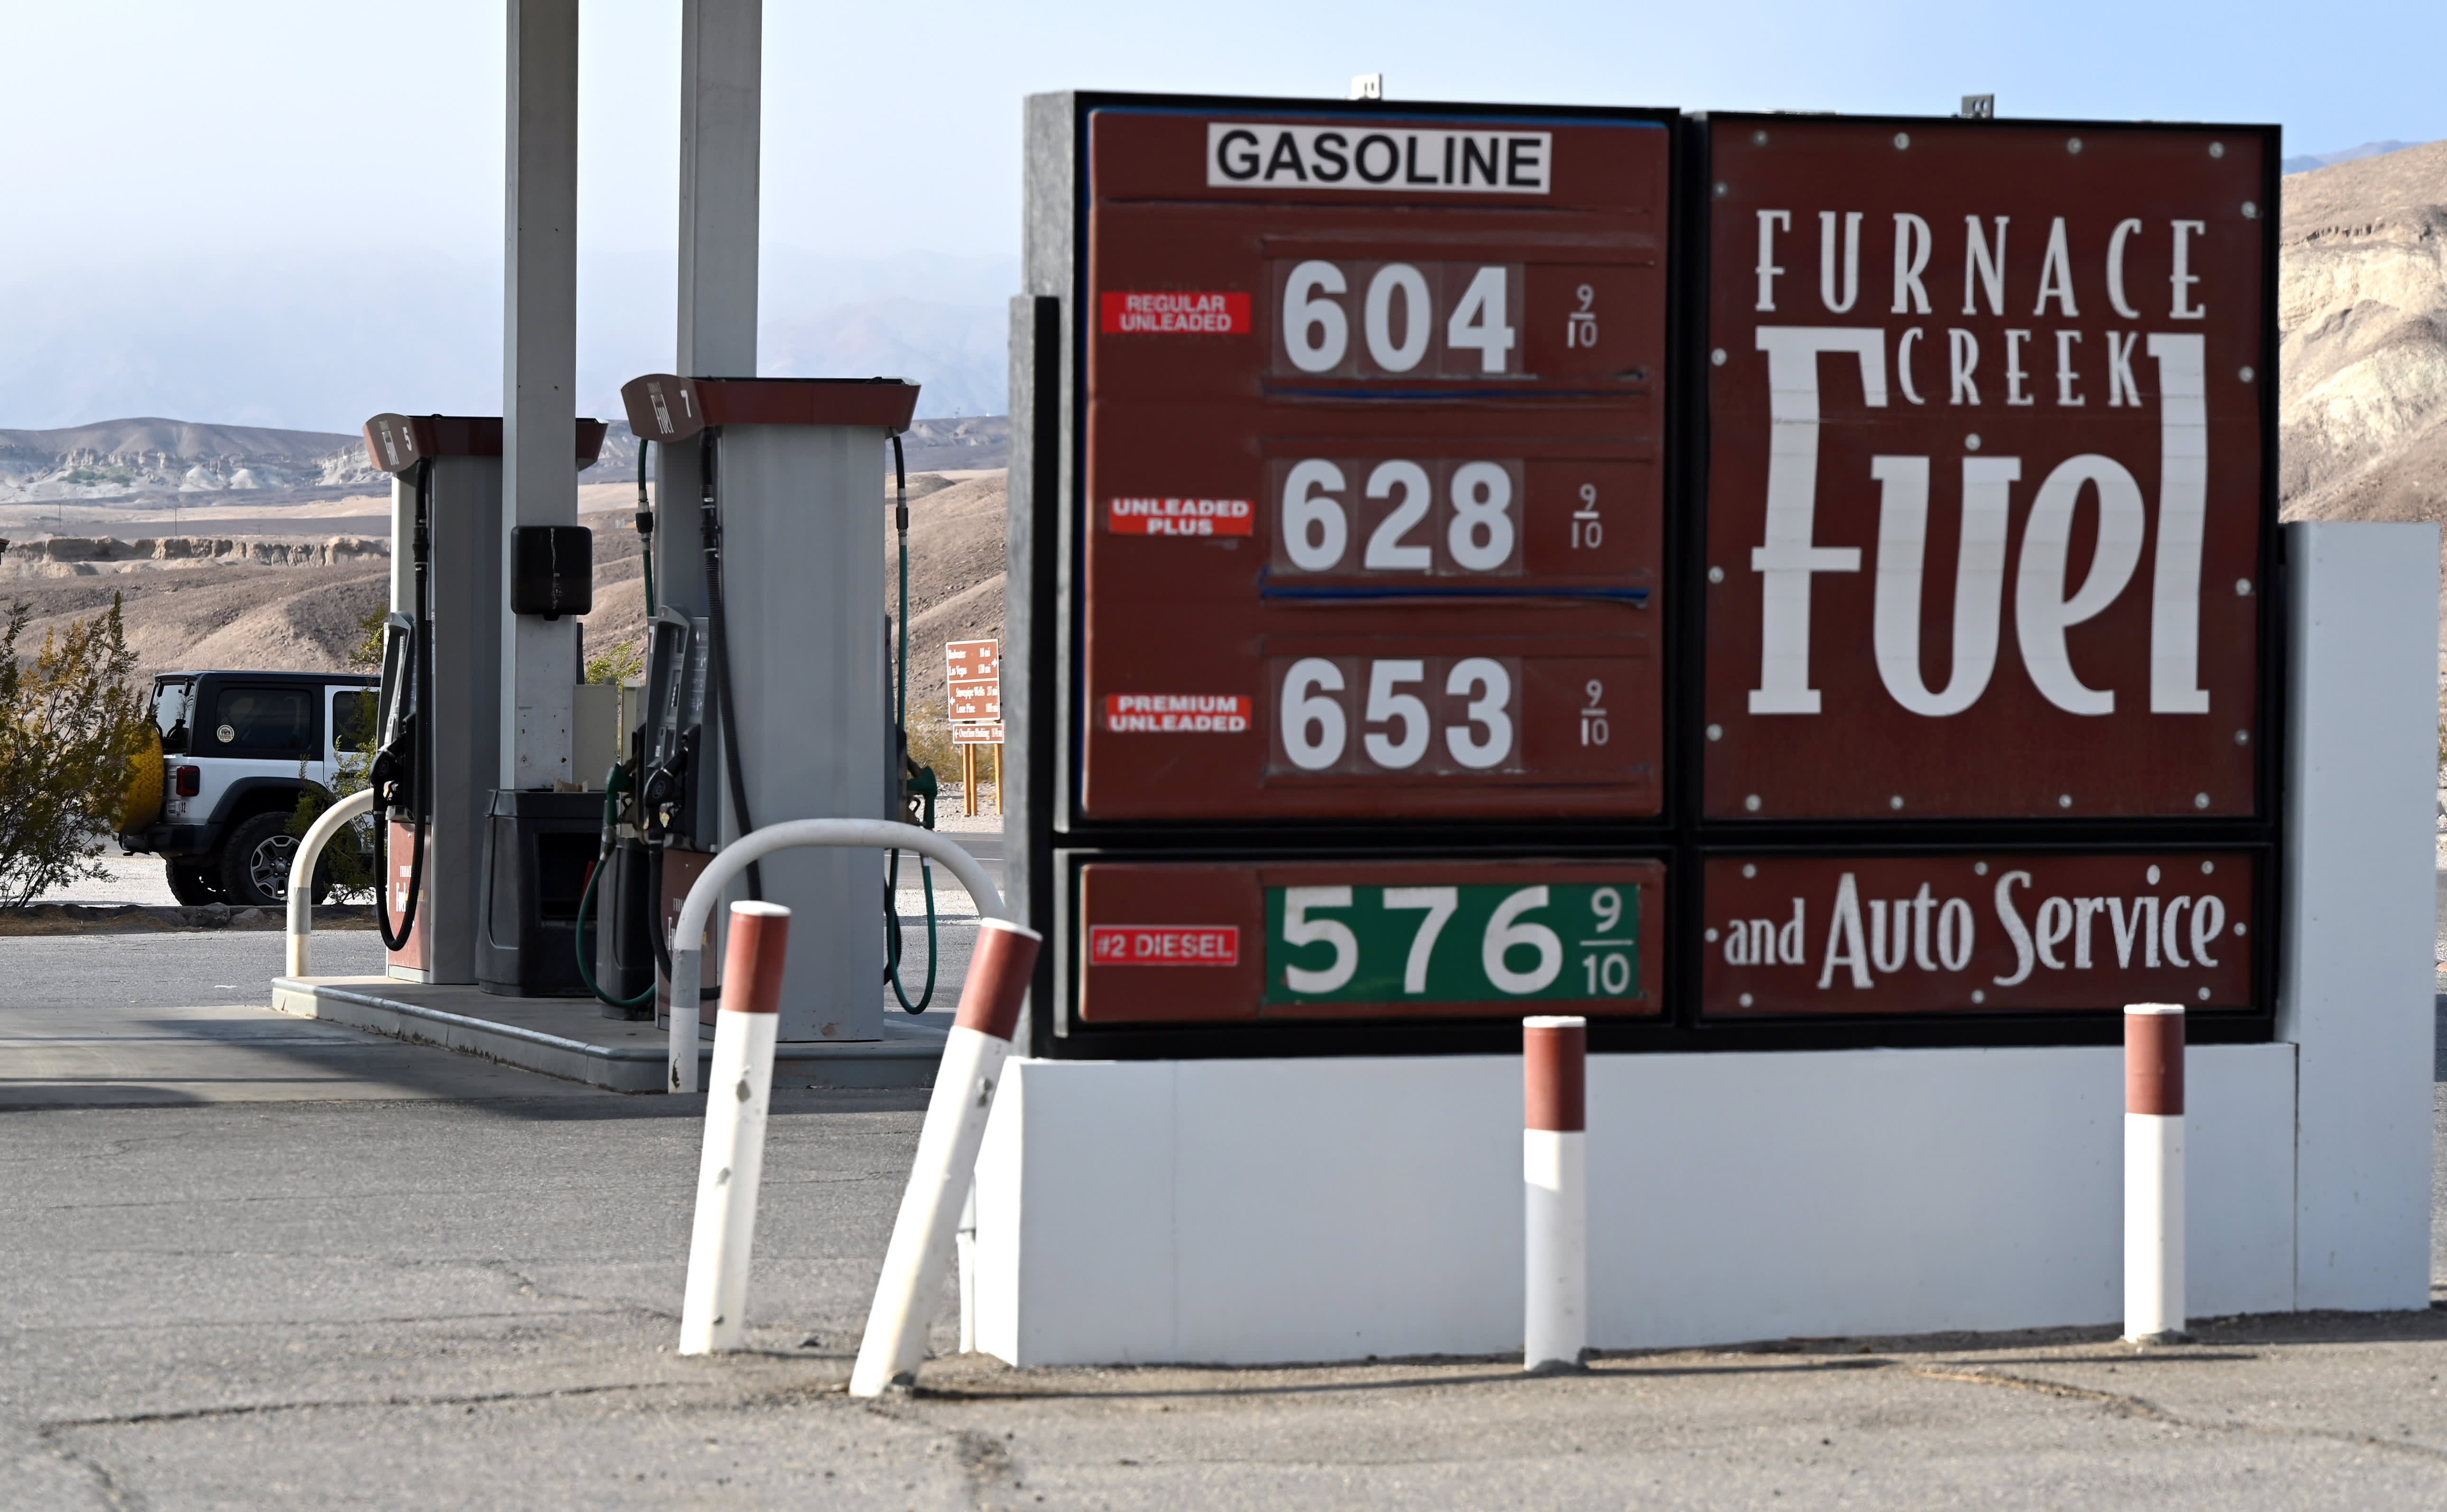 Saat Biaya Bensin Naik, Gedung Putih Mengatakan Gerakan OPEC 'tidak Lagi Cukup,' Membutuhkan Pengawasan FTC